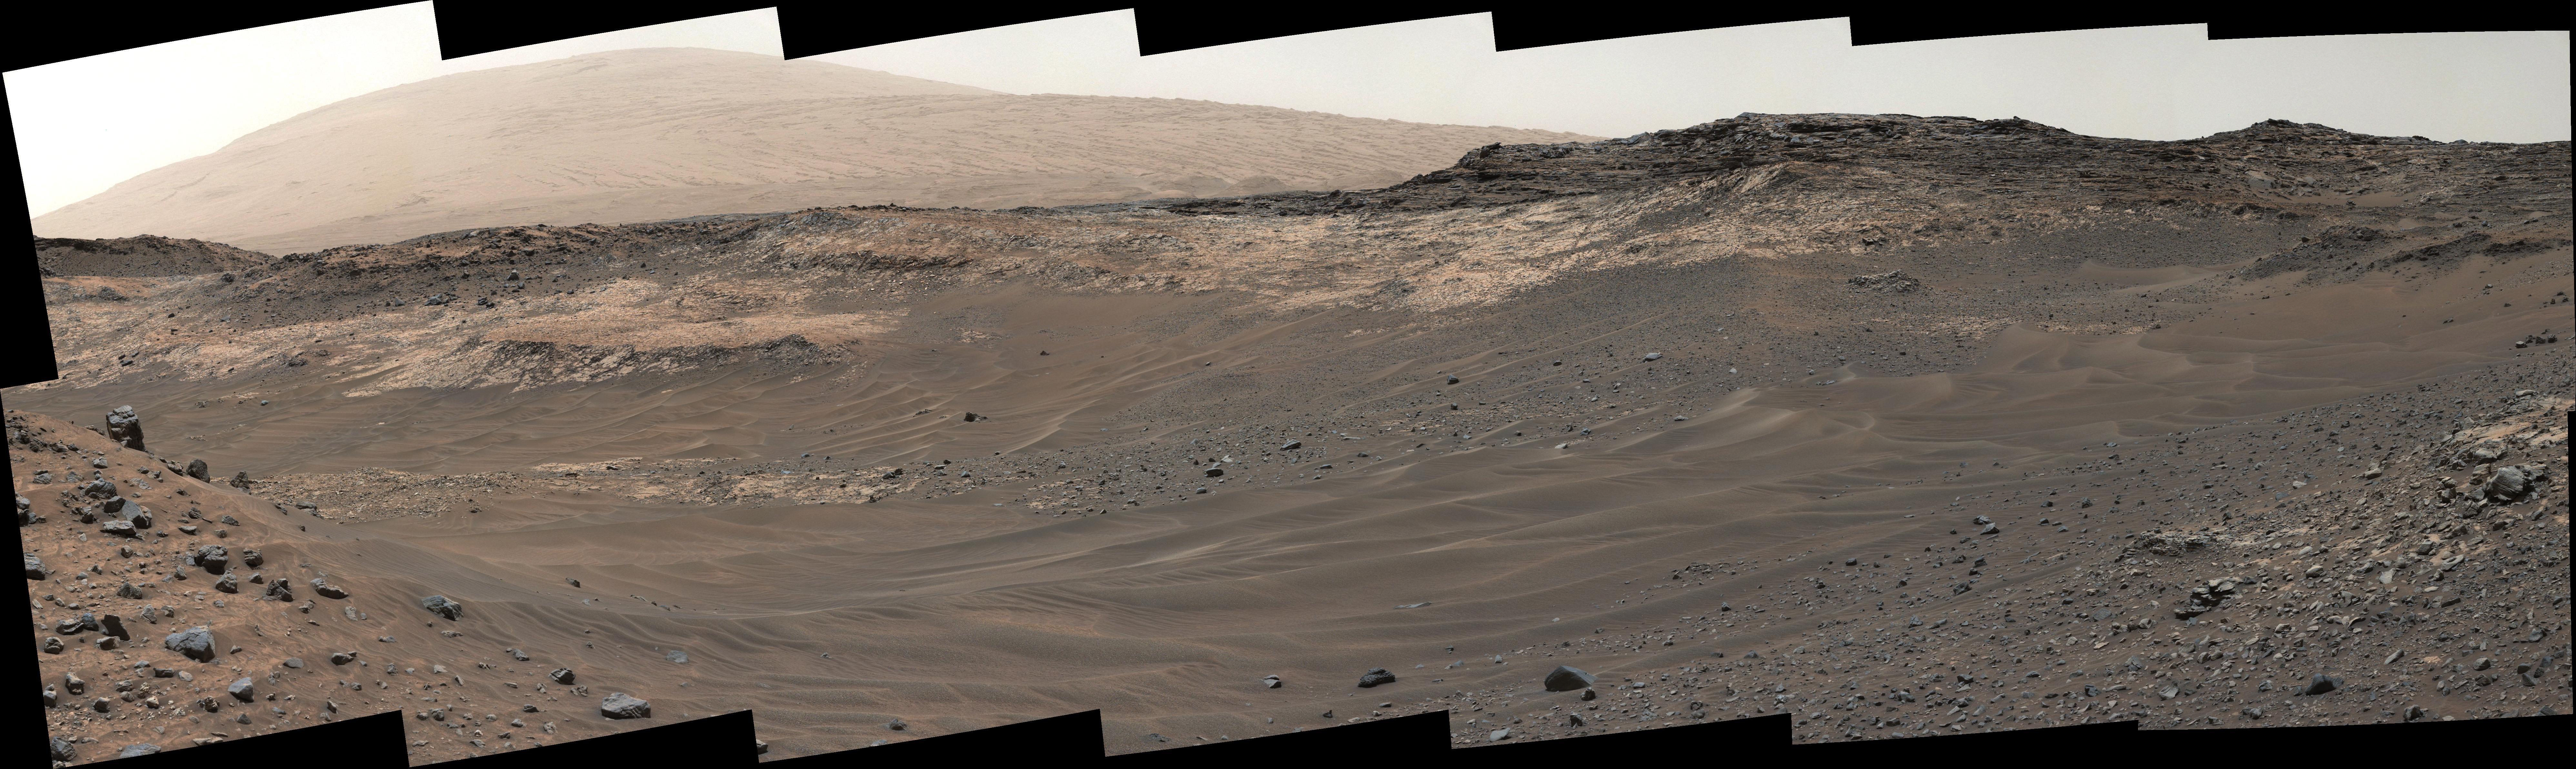 Скользкие марсианские склоны заставили ровер Curiosity отправиться в объезд